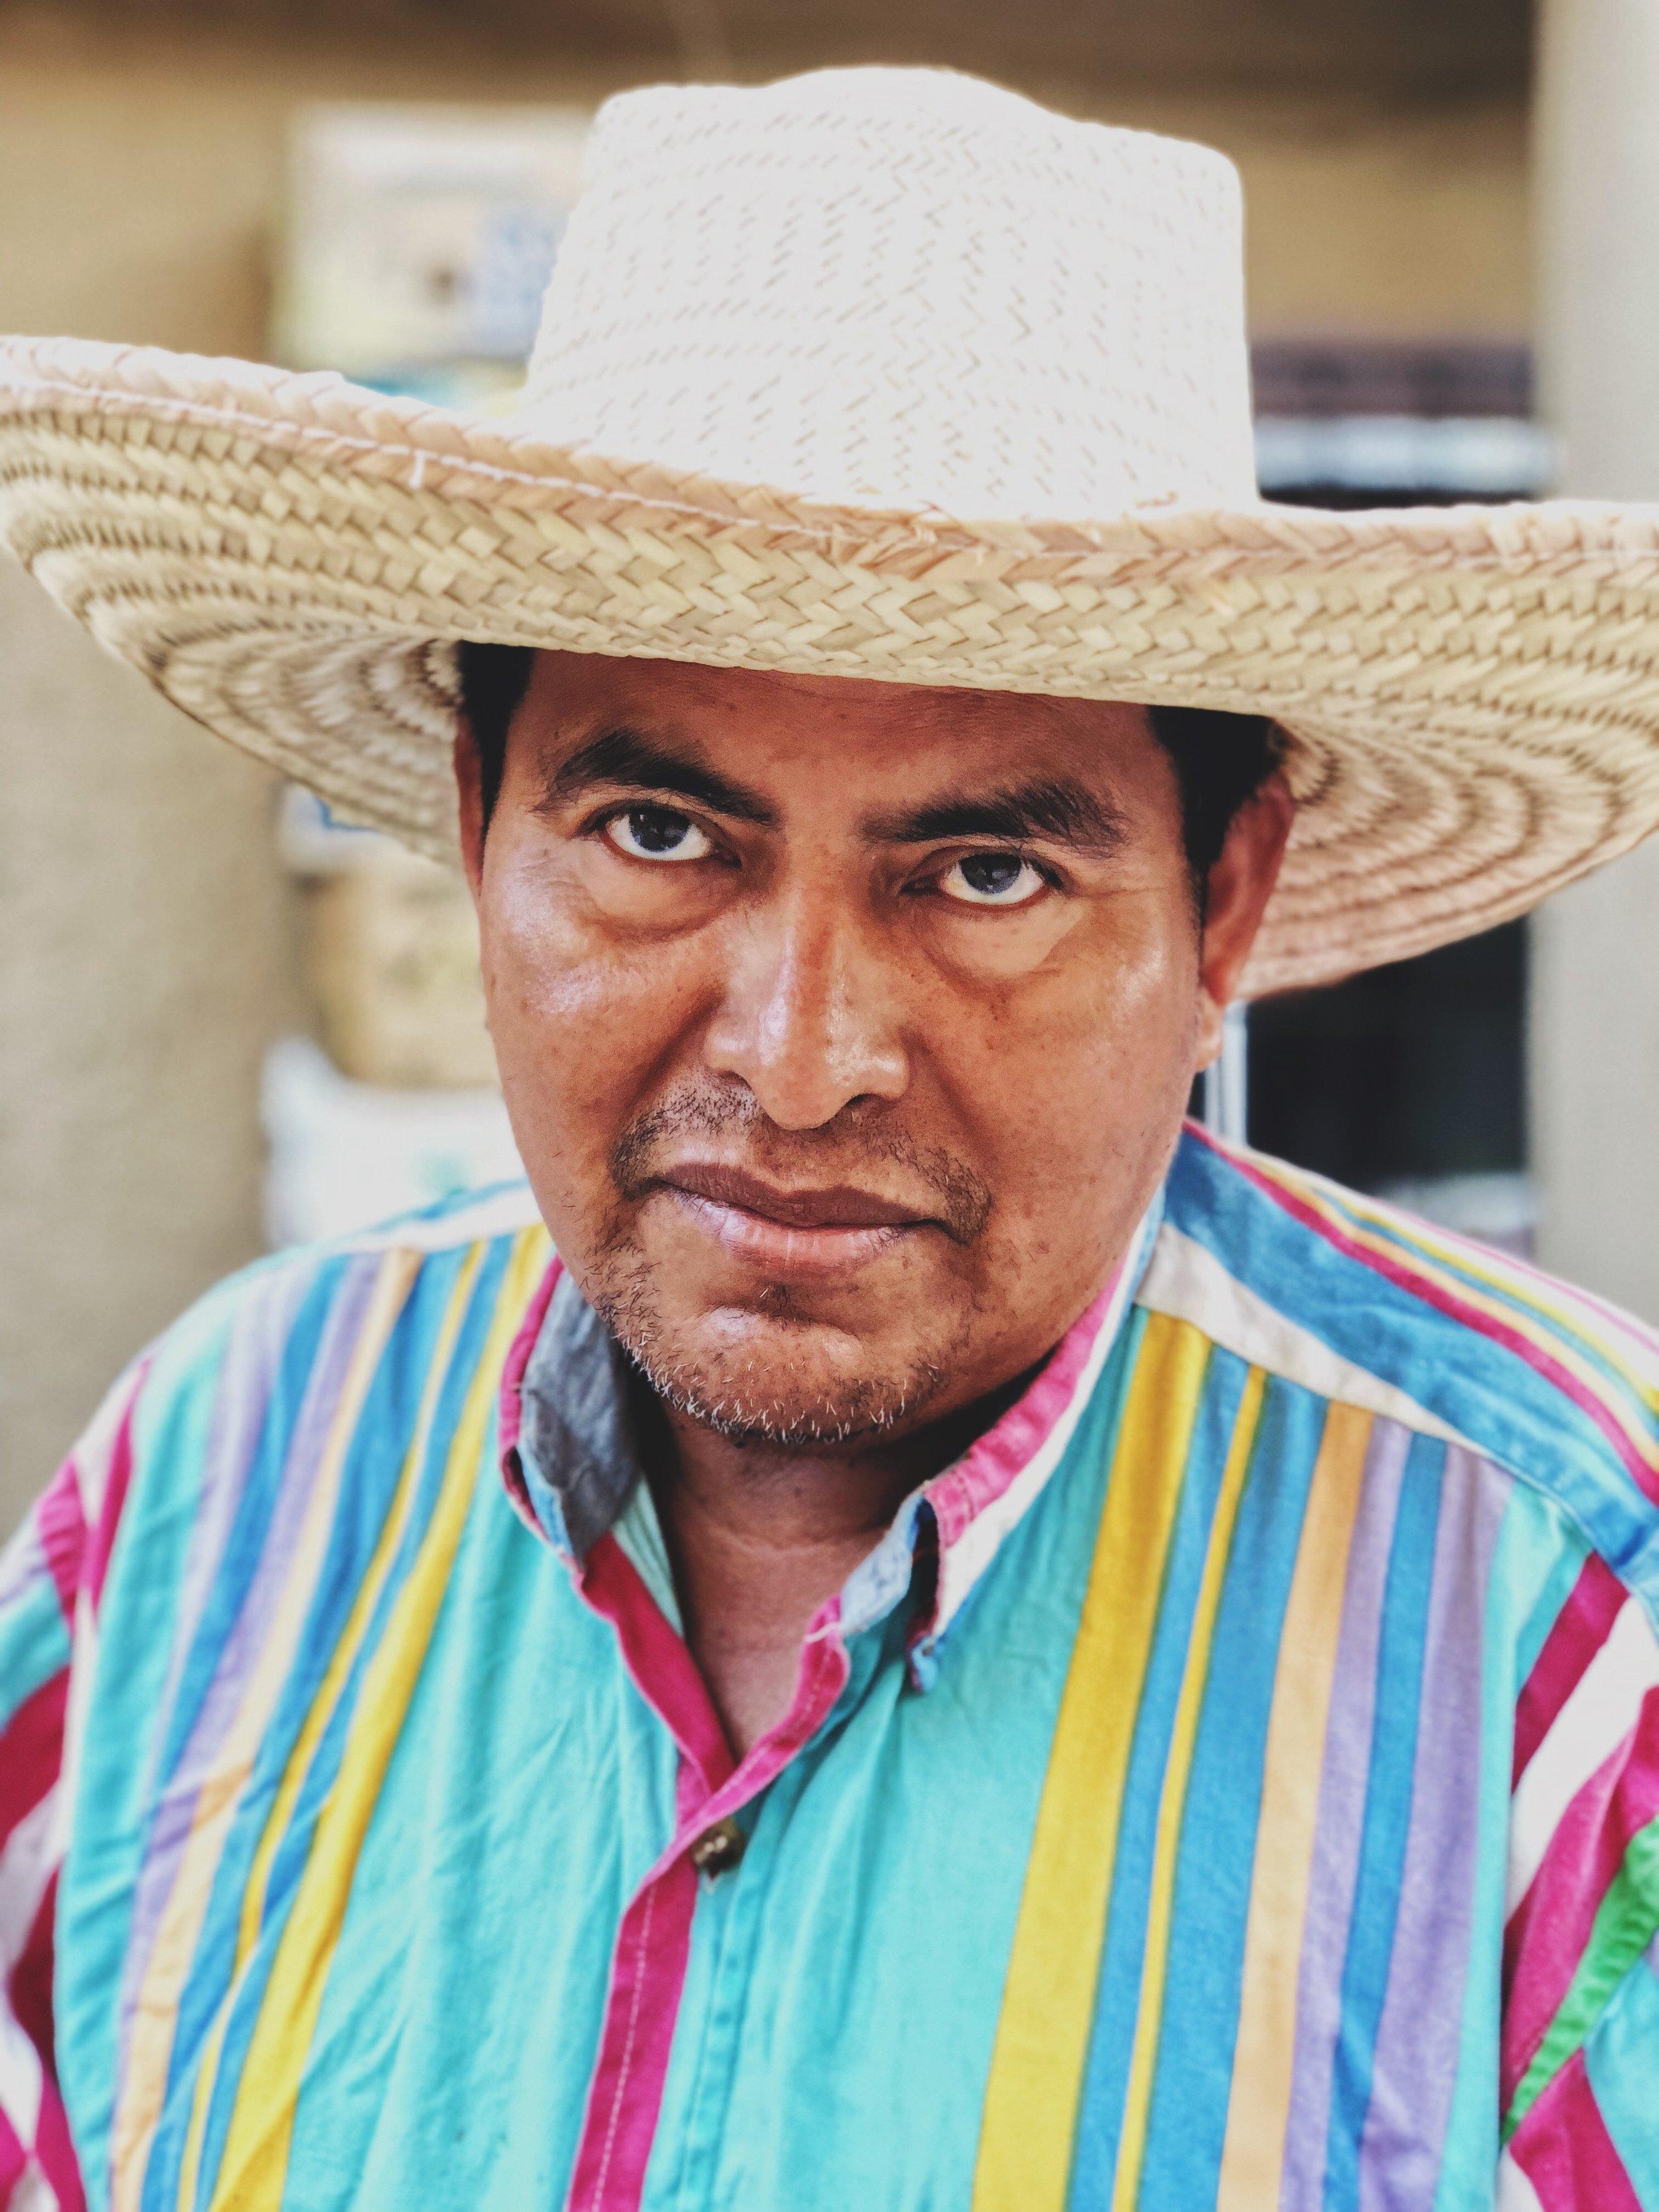 An artisan in México